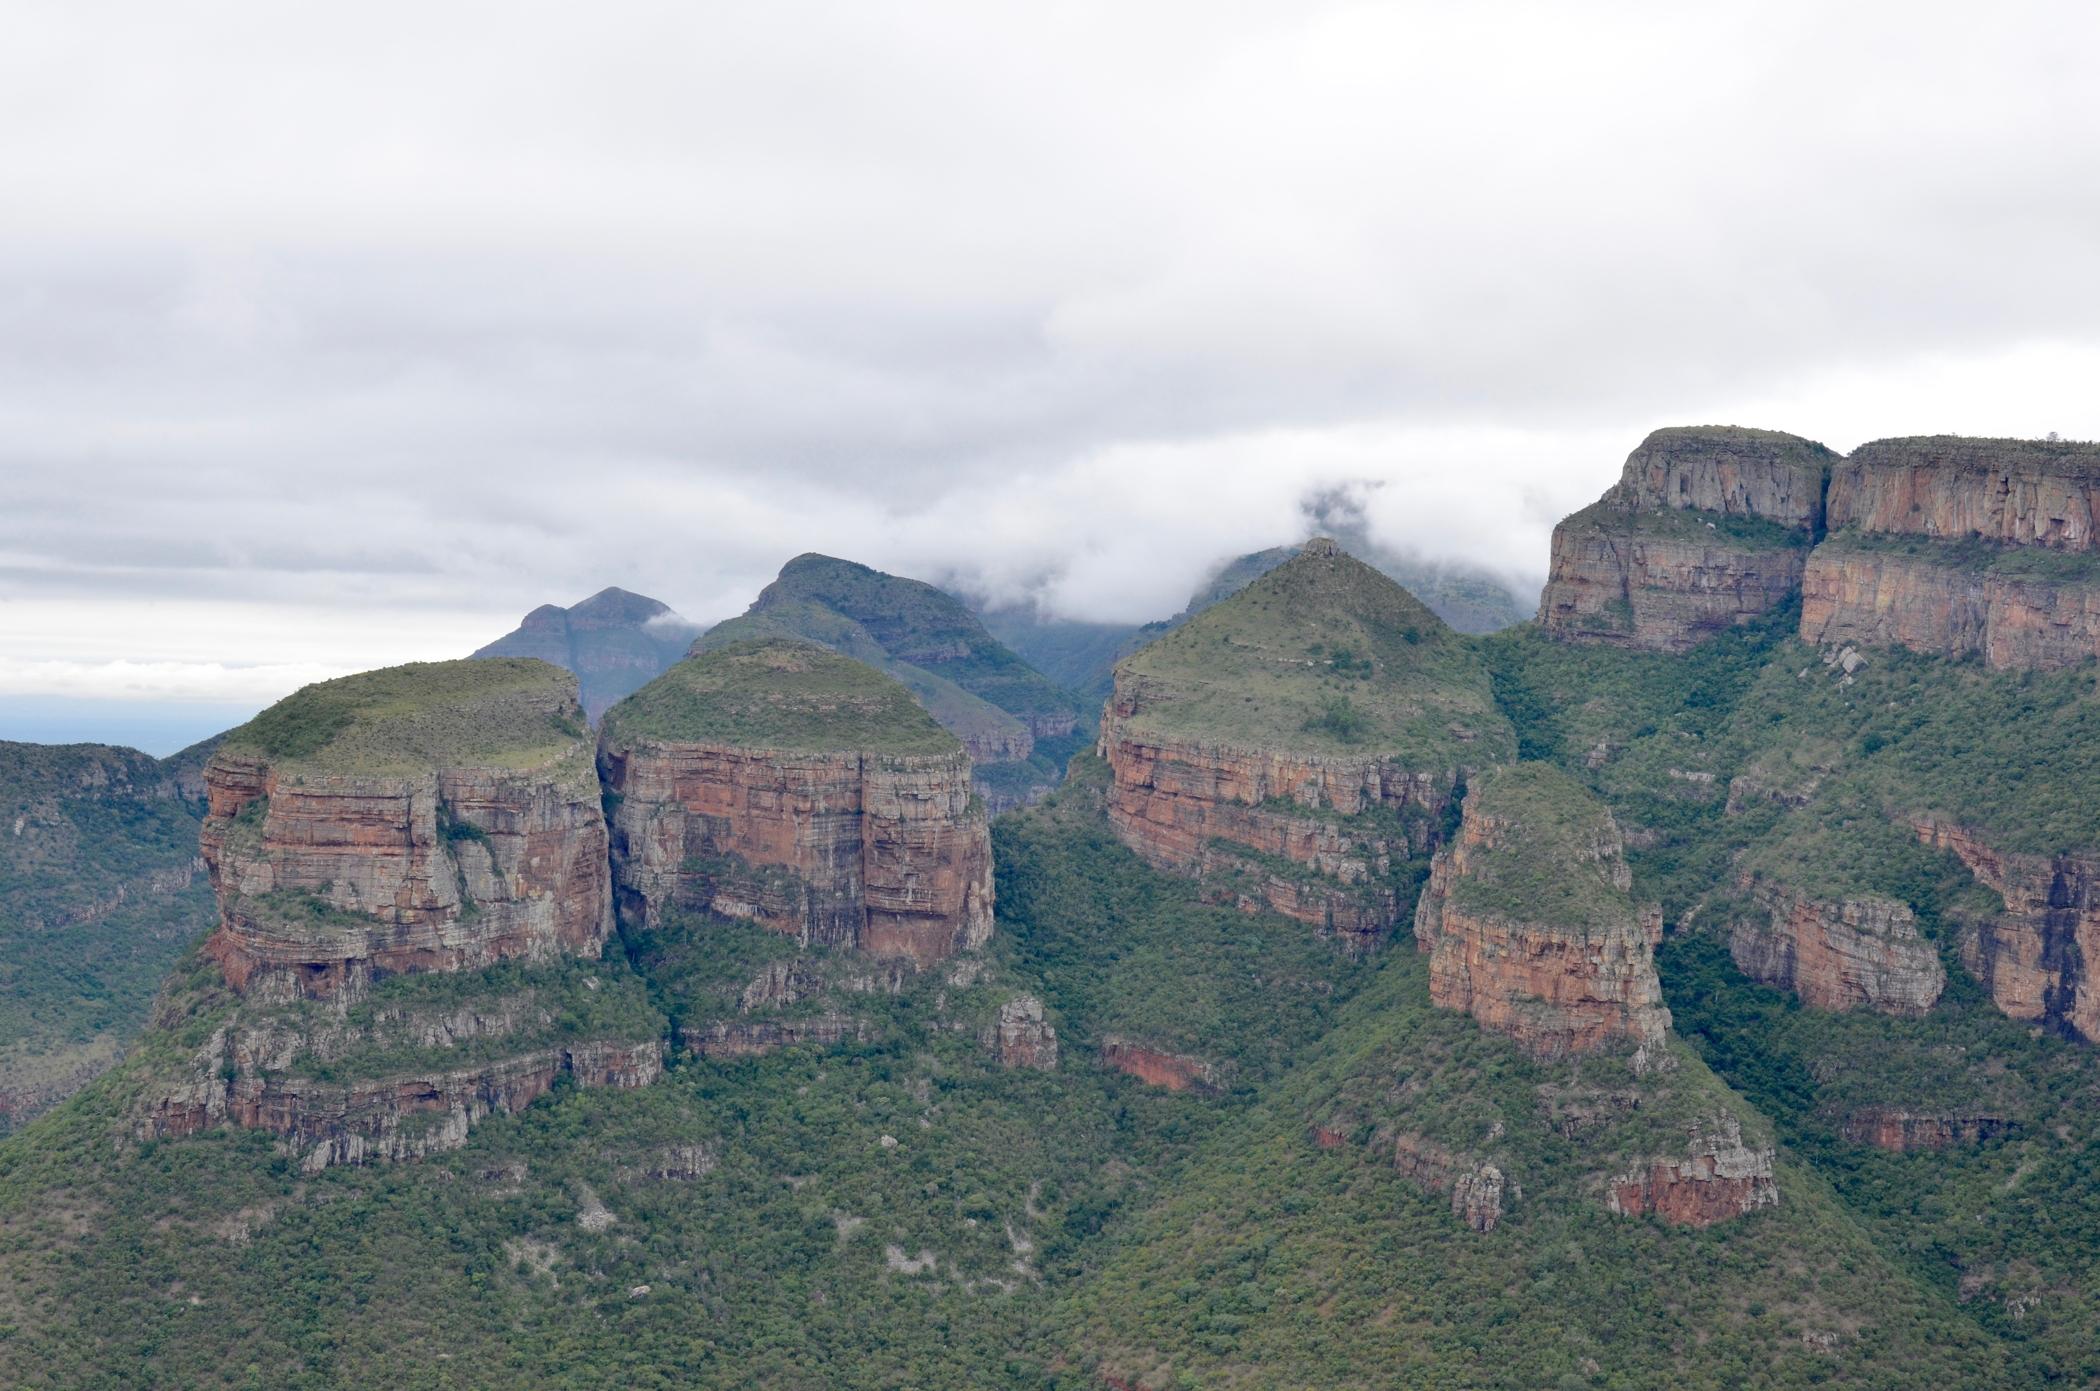 Ein Südafrika Roadtrip über die Panorama Route